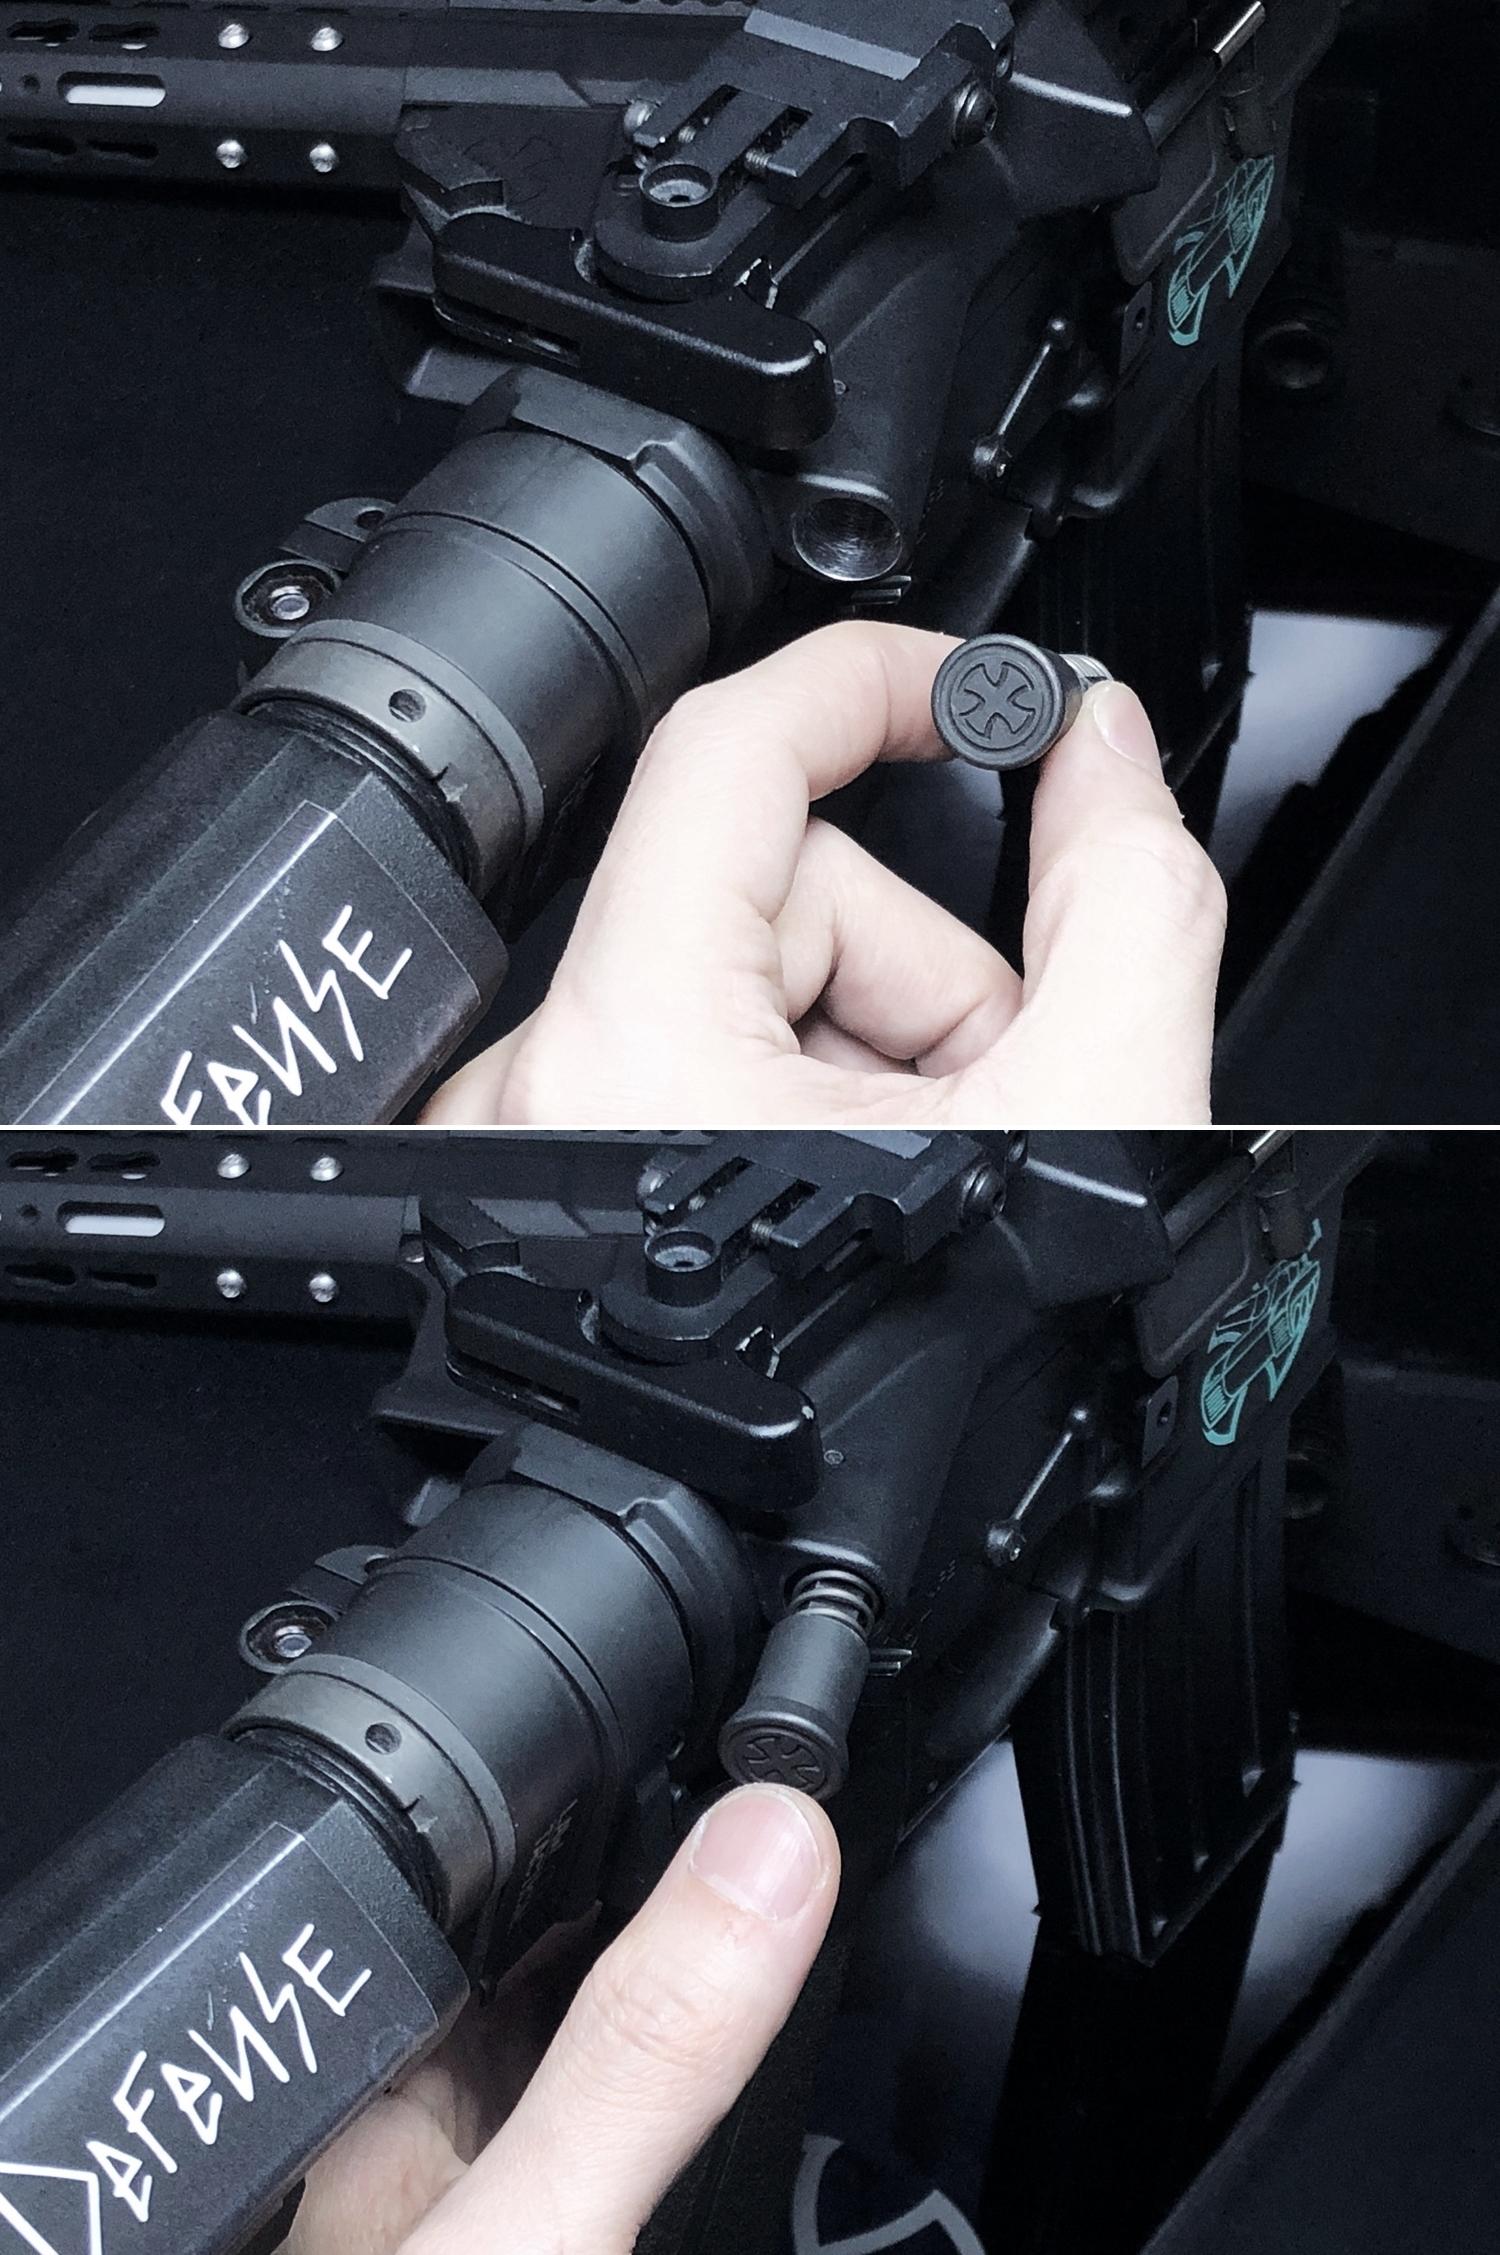 16 実物 NOVESKE MARKED FORWARD ASSIST KIT!! 次世代 AR-15 HILOG M4 N4 プチ DIY カスタム編!! フォワードアシストノブ フォアードアシスト!! 3D DIY 購入 加工 取付 交換 レビュー!!